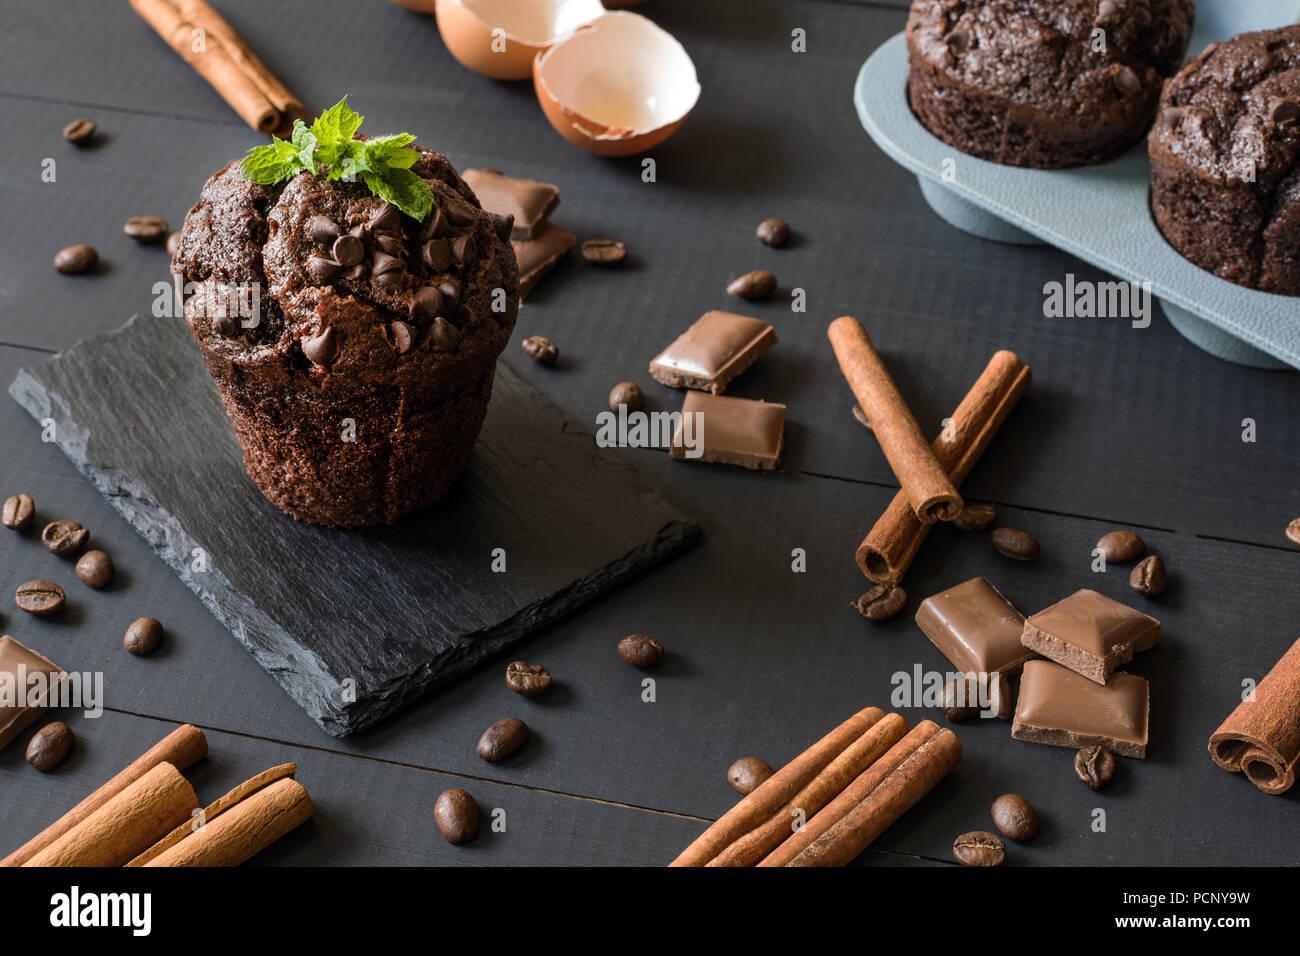 homemade chocolate muffin - Stock Image